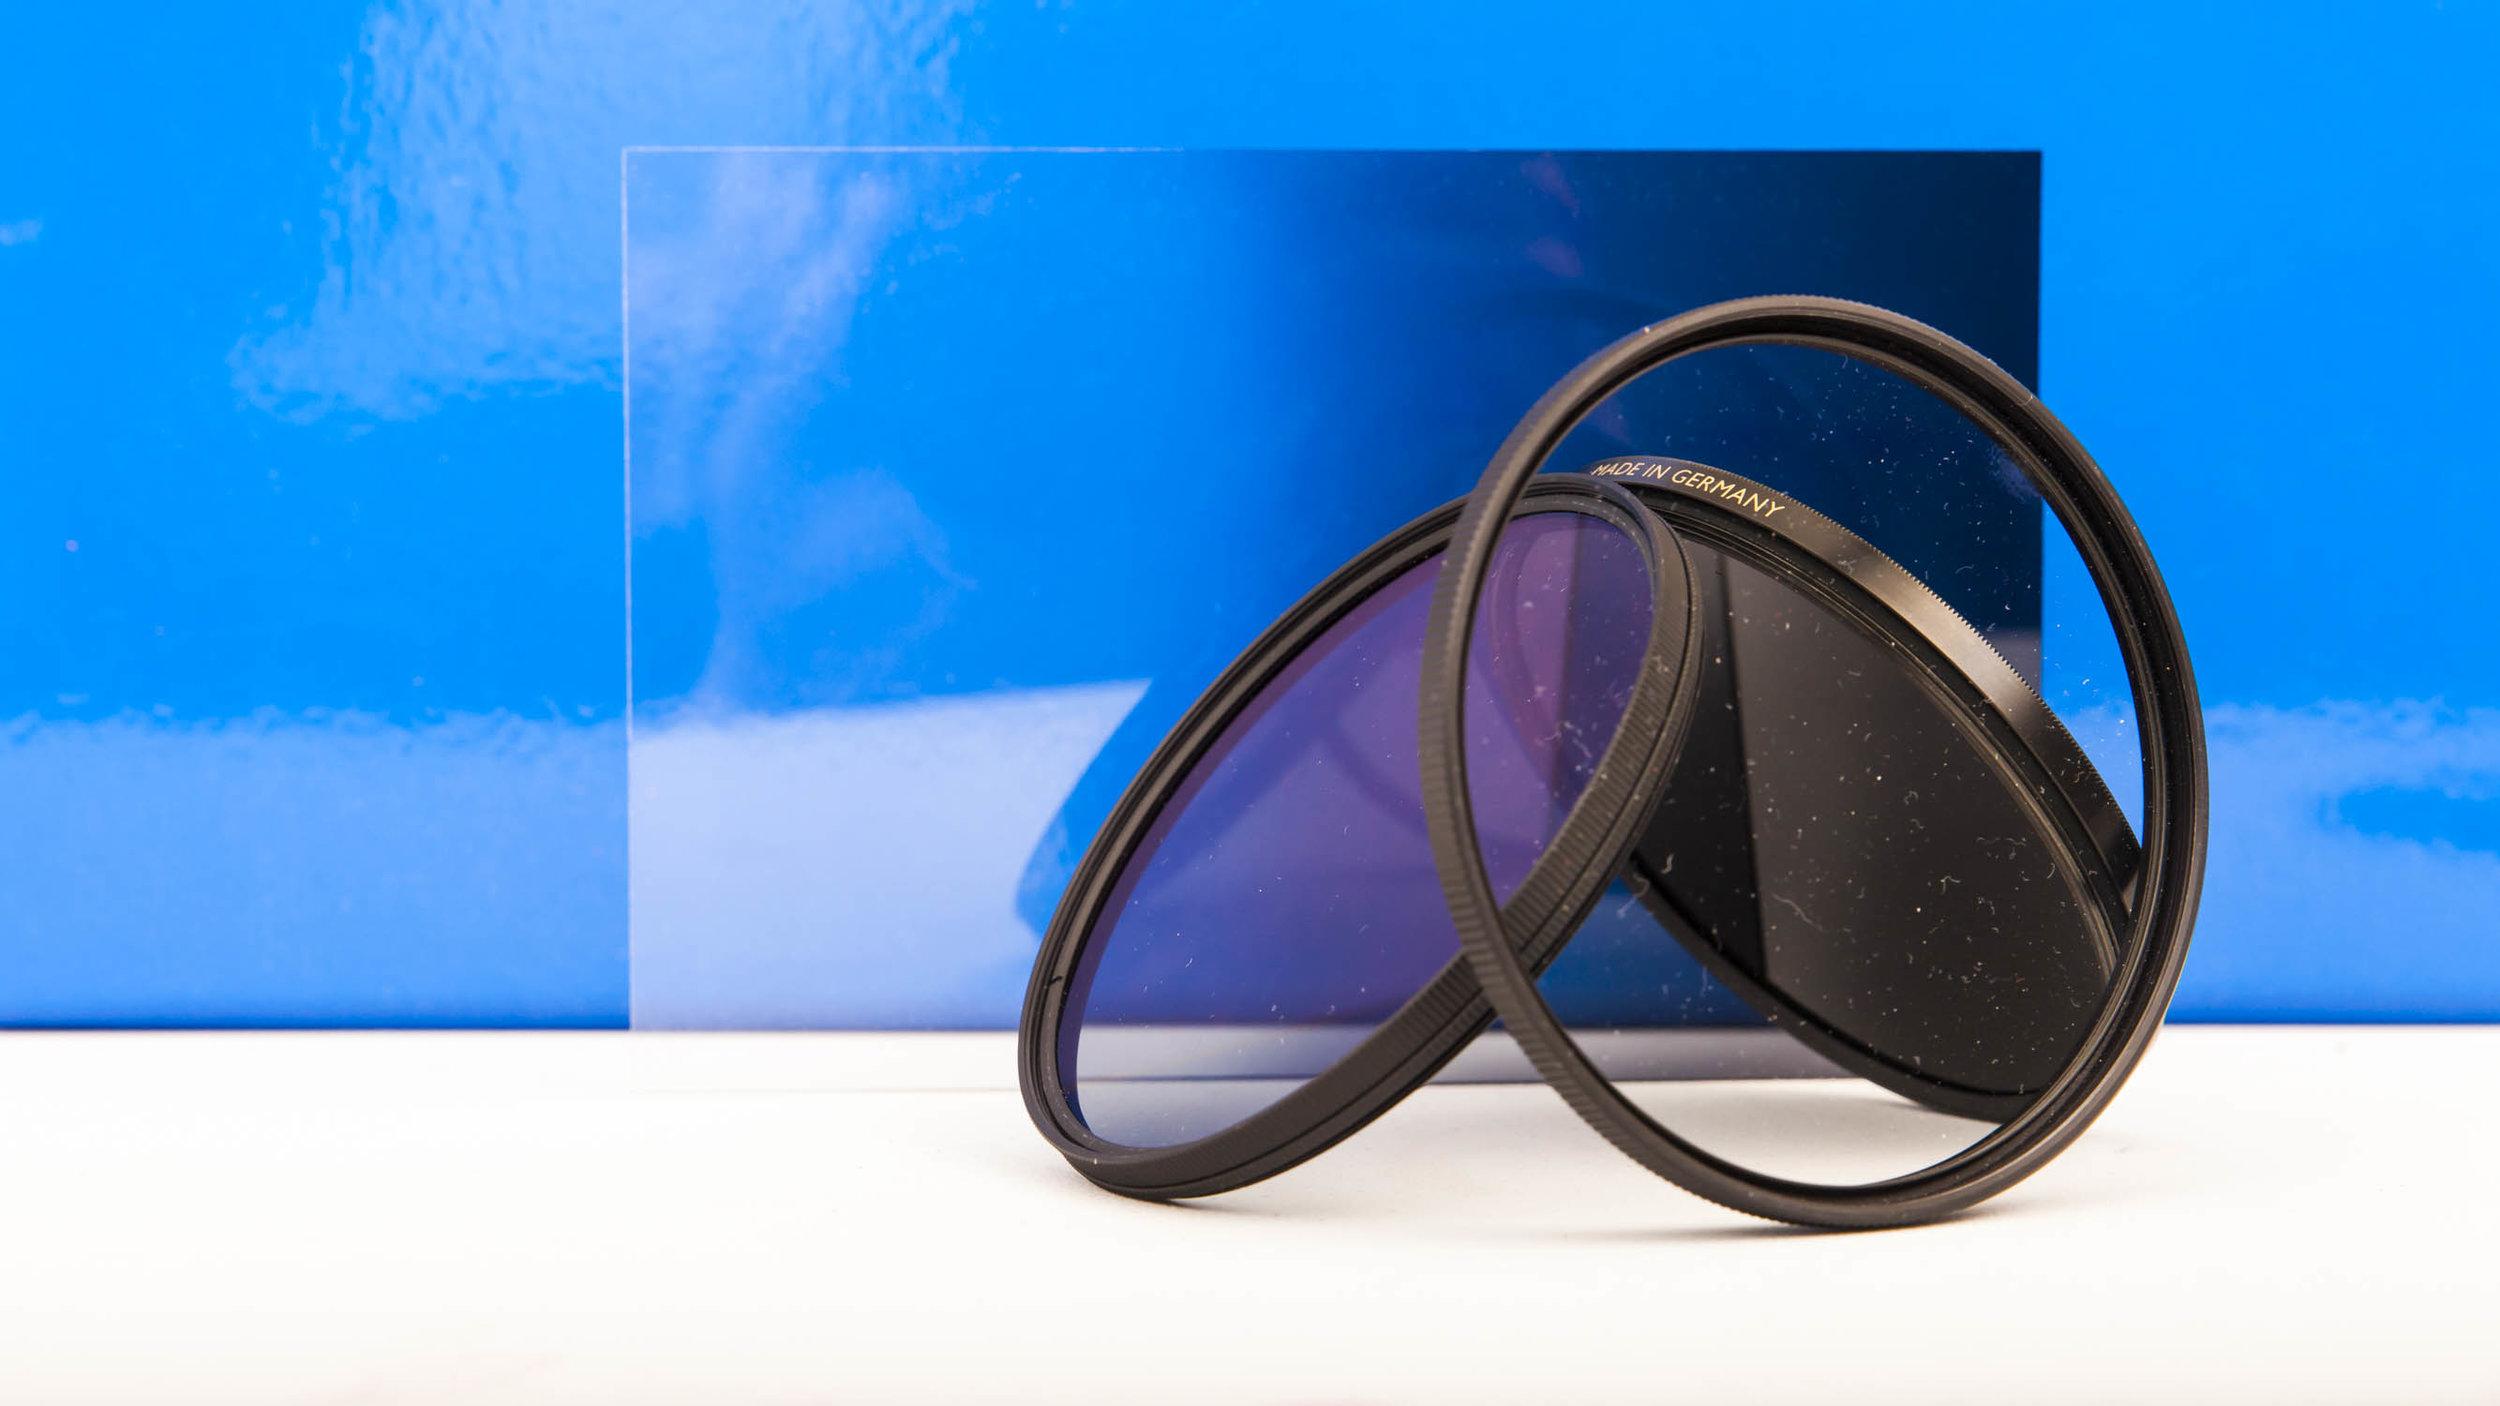 lens-filters-2.jpg